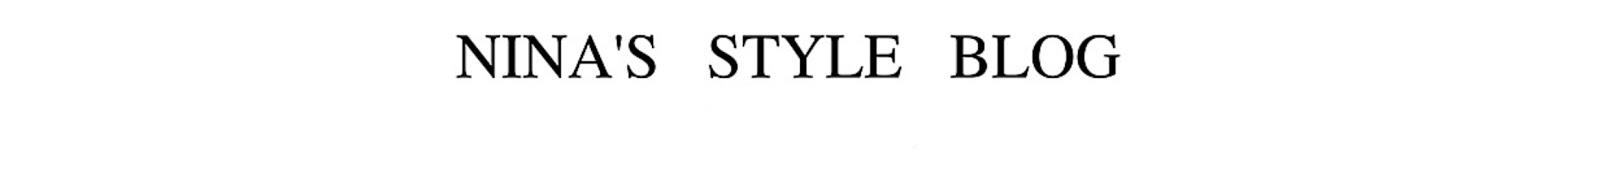 Nina's Style Blog